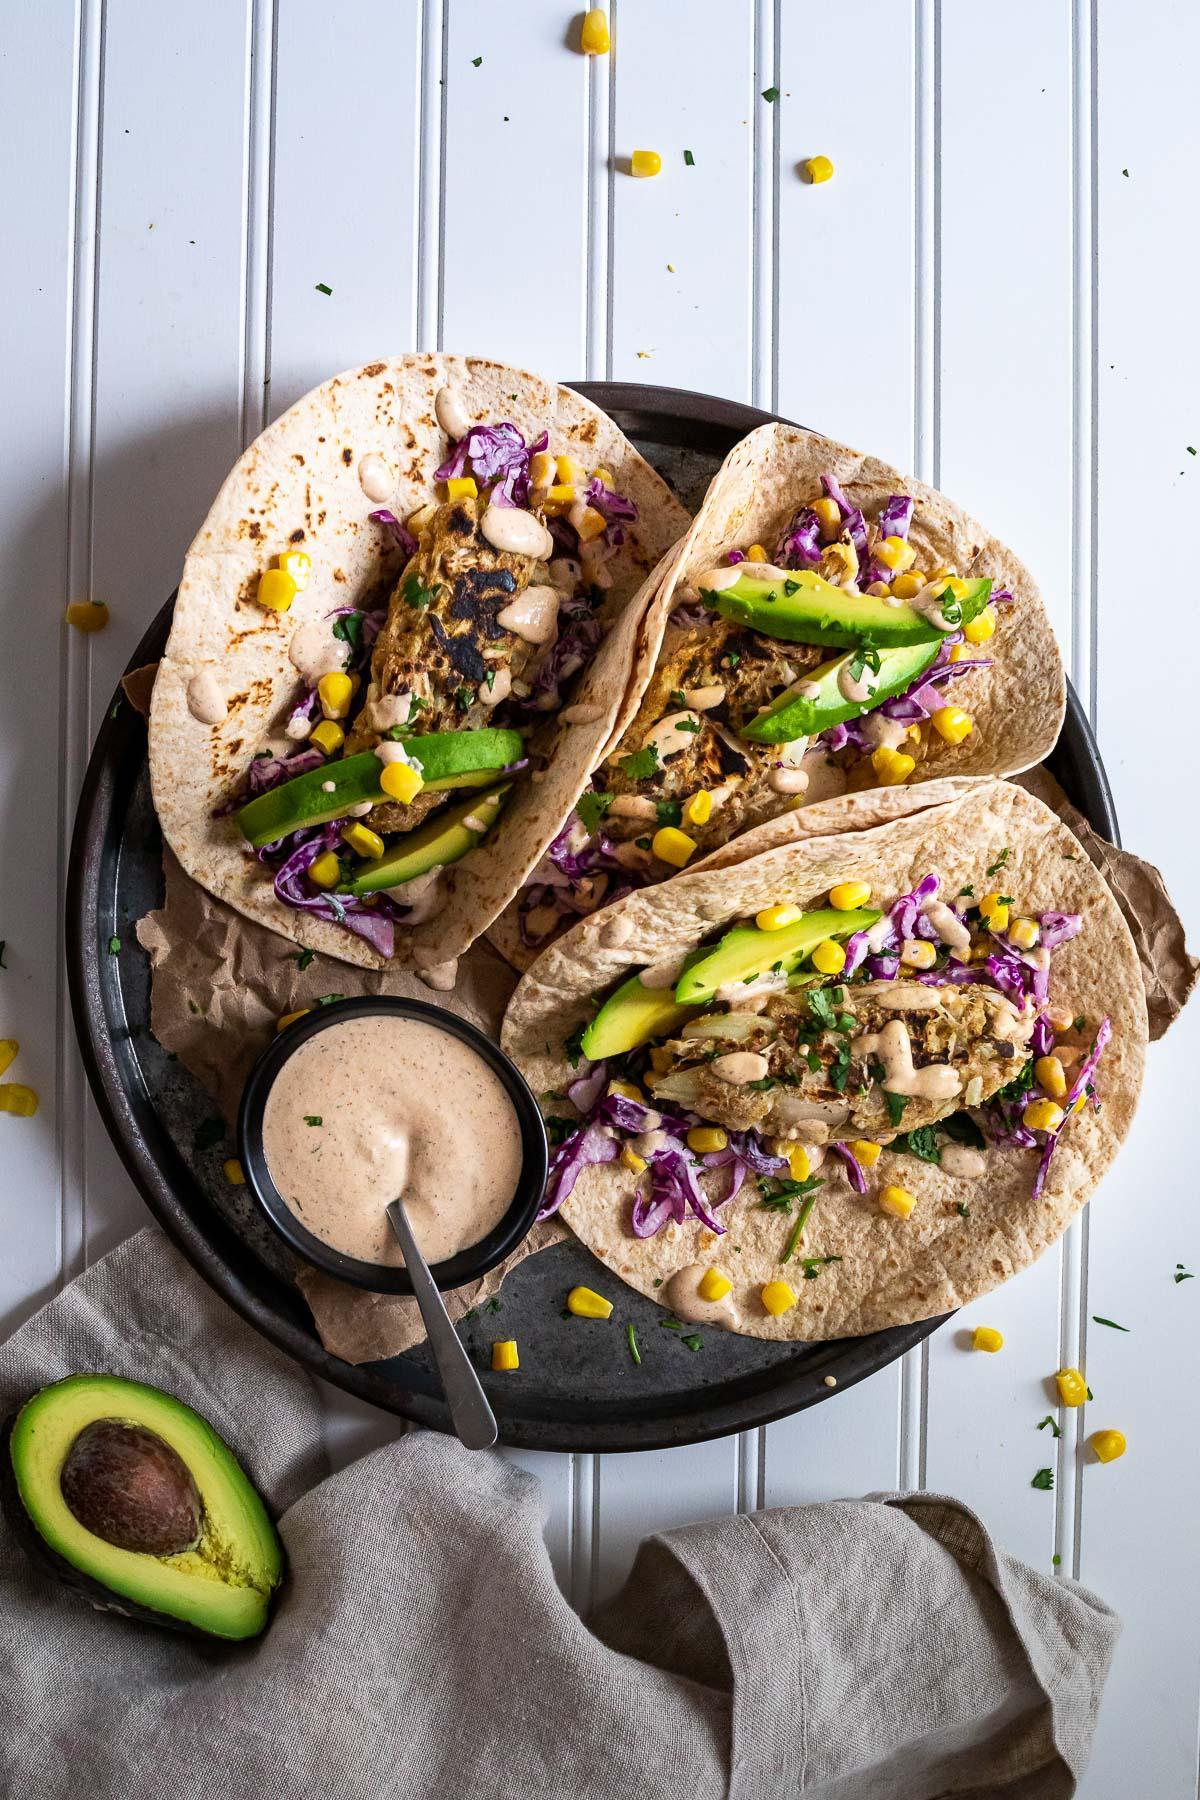 Bird View of a platter with 3 vegan fish tacos and a mini sauce bowl.